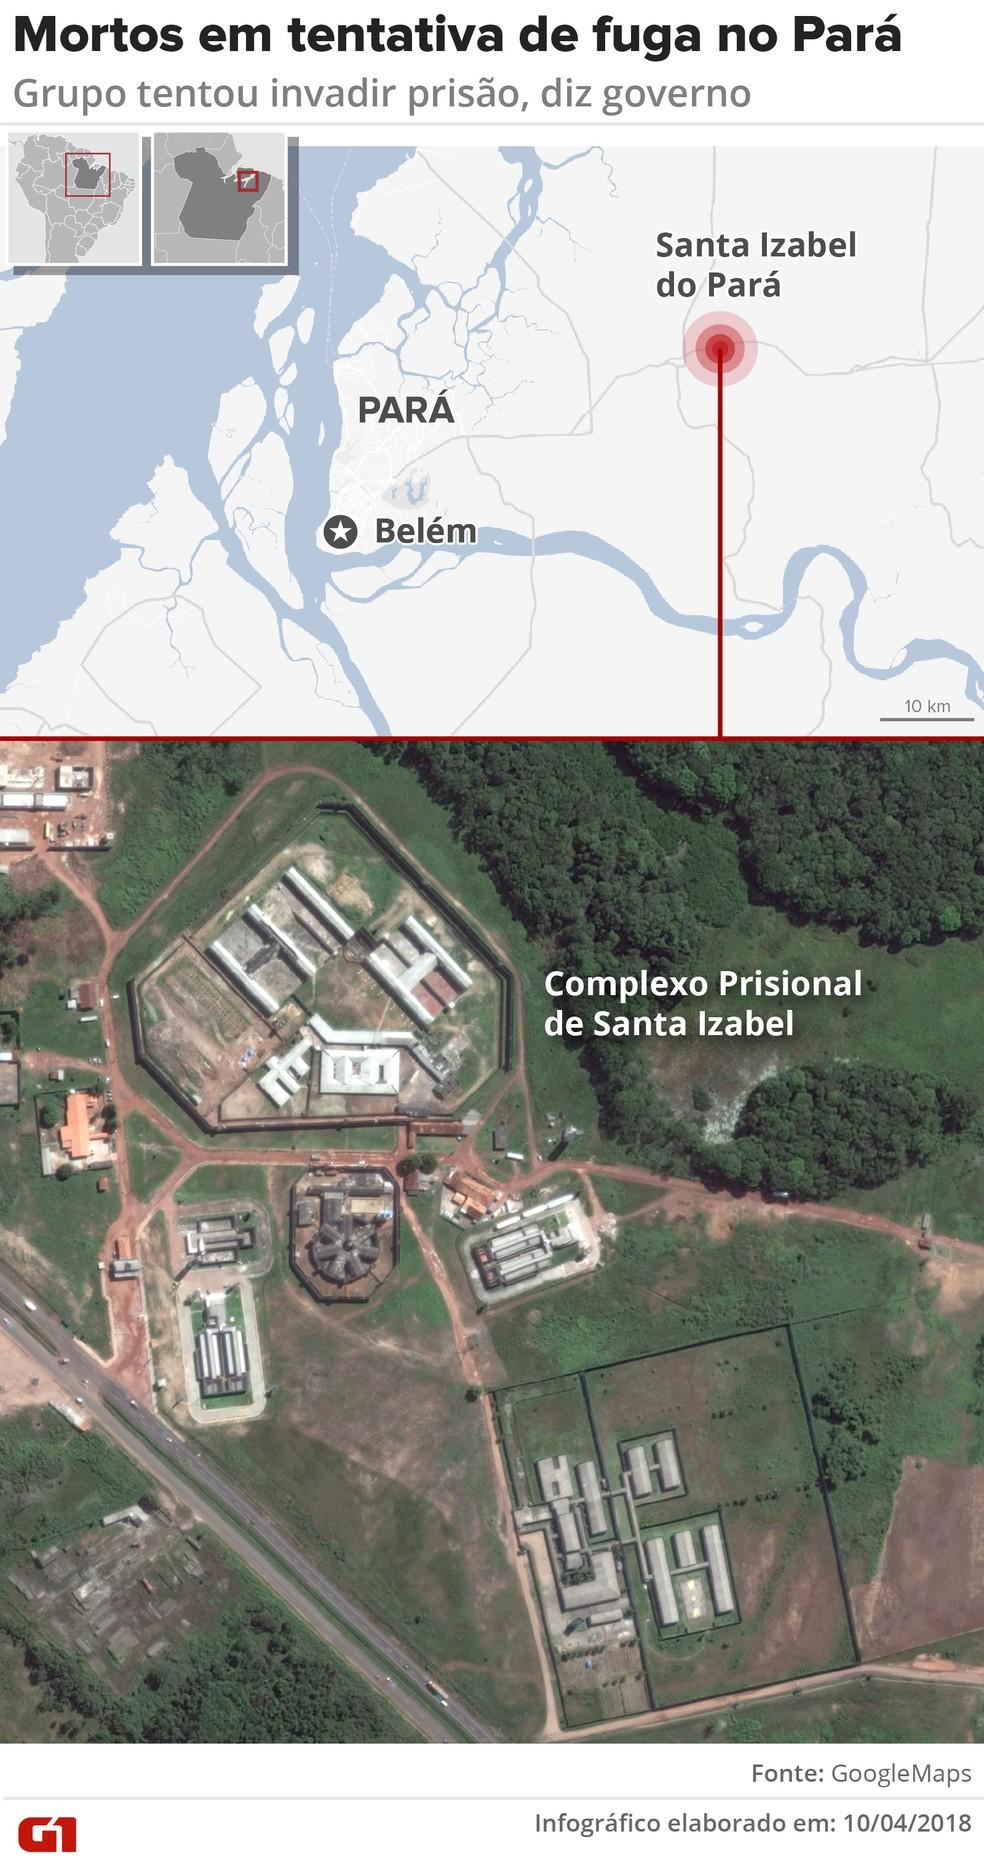 Mapa mostra o Complexo Prisional de Santa Izabel, no Pará, onde ocorreu uma tentativa de fuga em massa de presos (Foto: Igor Estrella/G1)